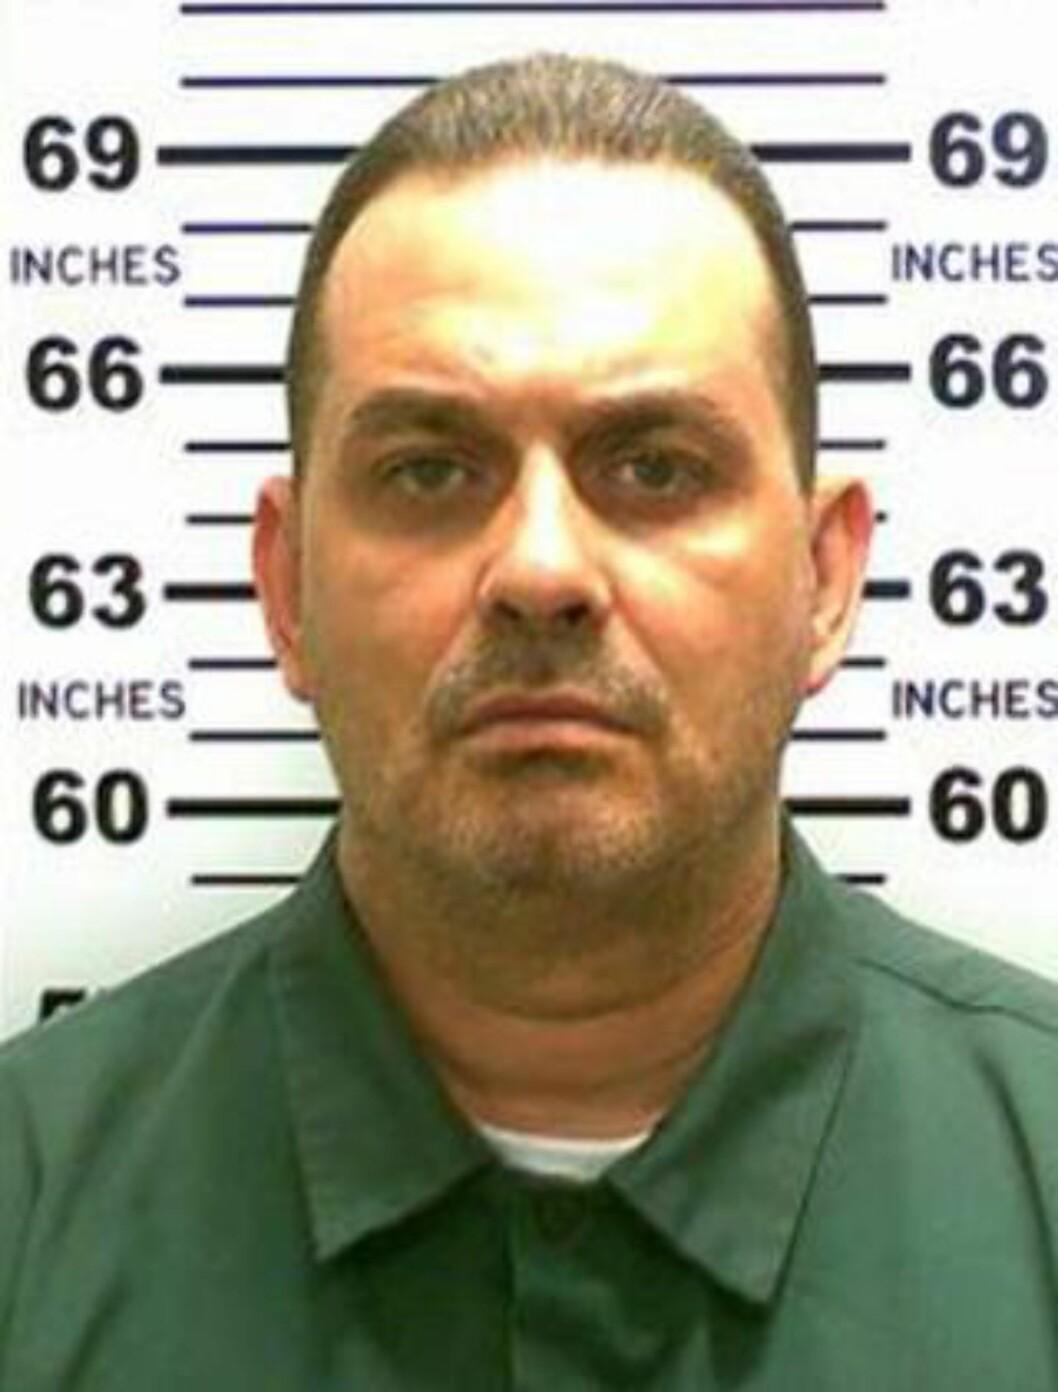 <strong>SKUTT TRE GANGER I HODET:</strong> Richard Matt ble fredag skutt og drept. Foto: AFP